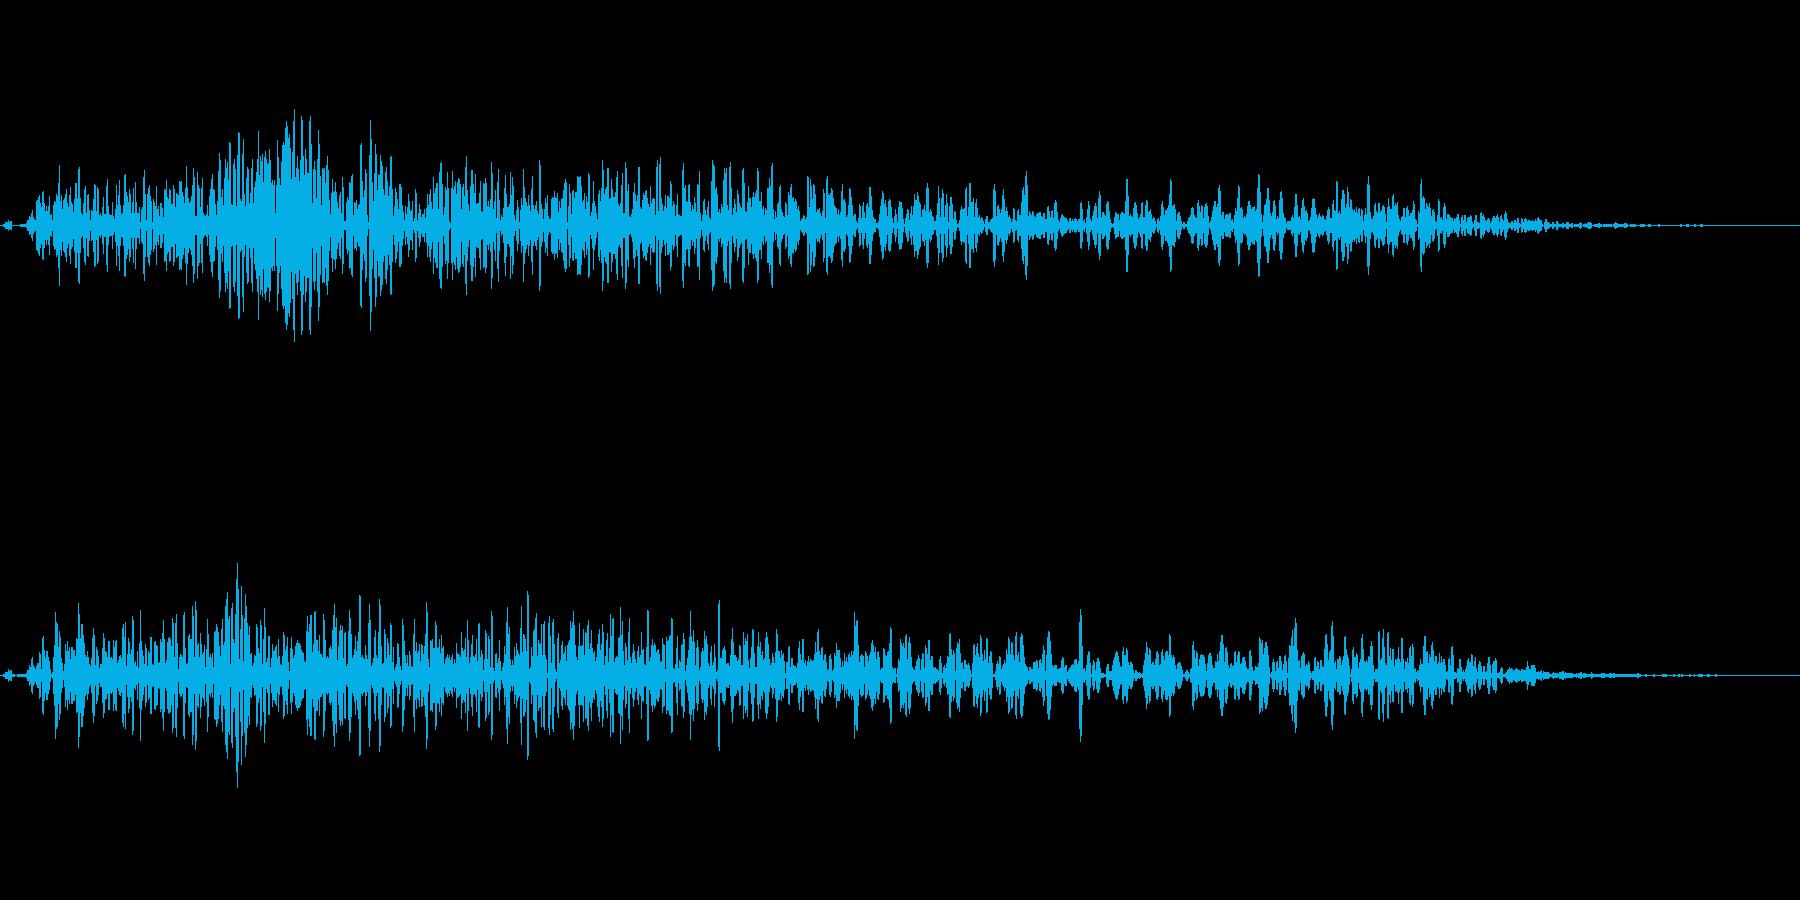 攻撃音(ファミコン・アクション・バトル)の再生済みの波形